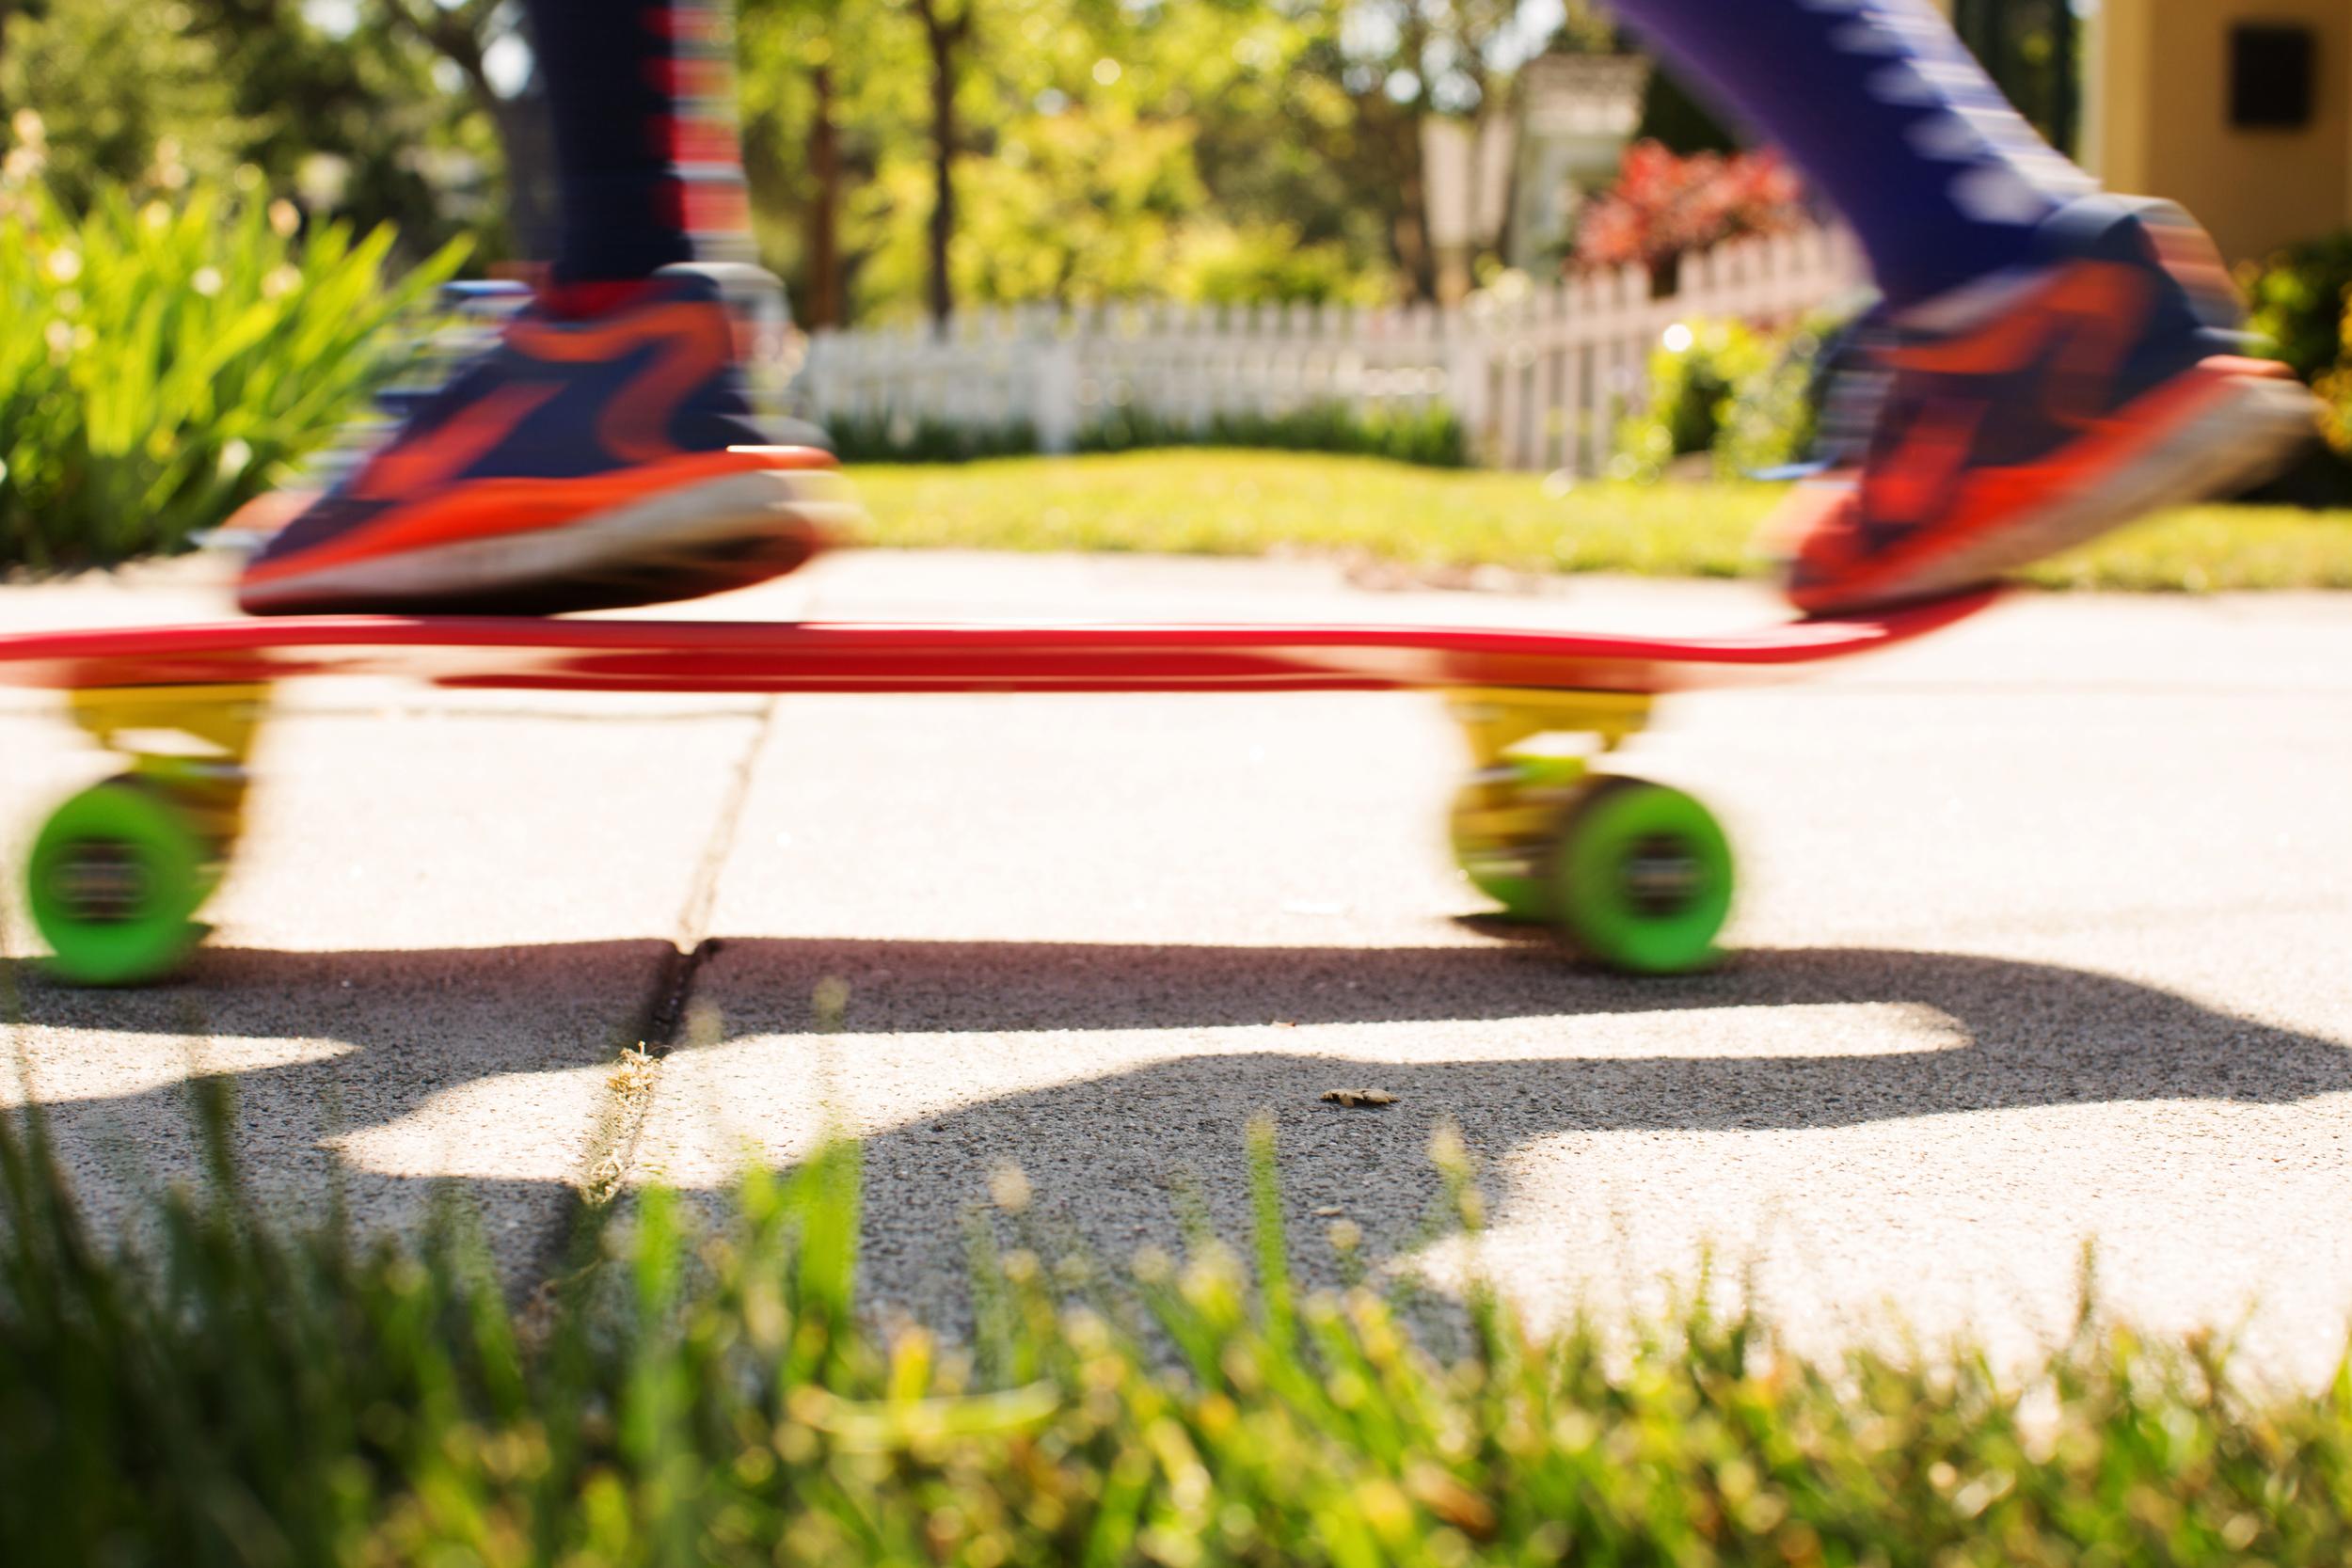 Skate-9006.jpg